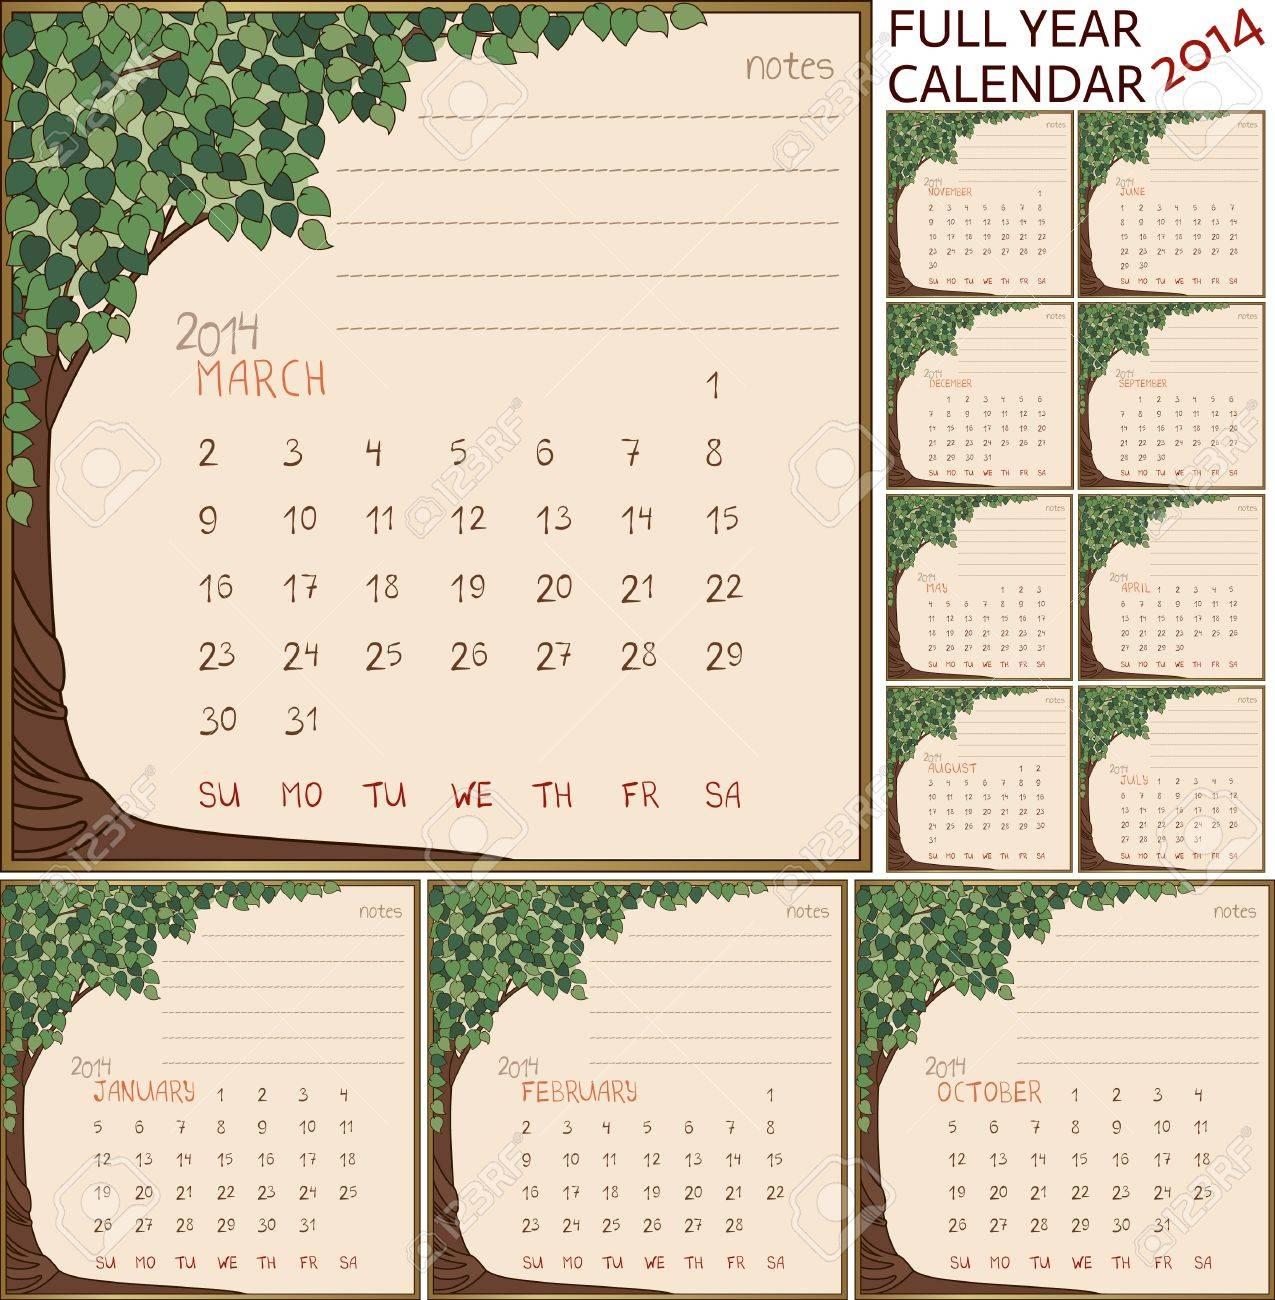 2014 Jahre Kalender, Monate Im Grünen Baum Rahmen Lizenzfrei ...